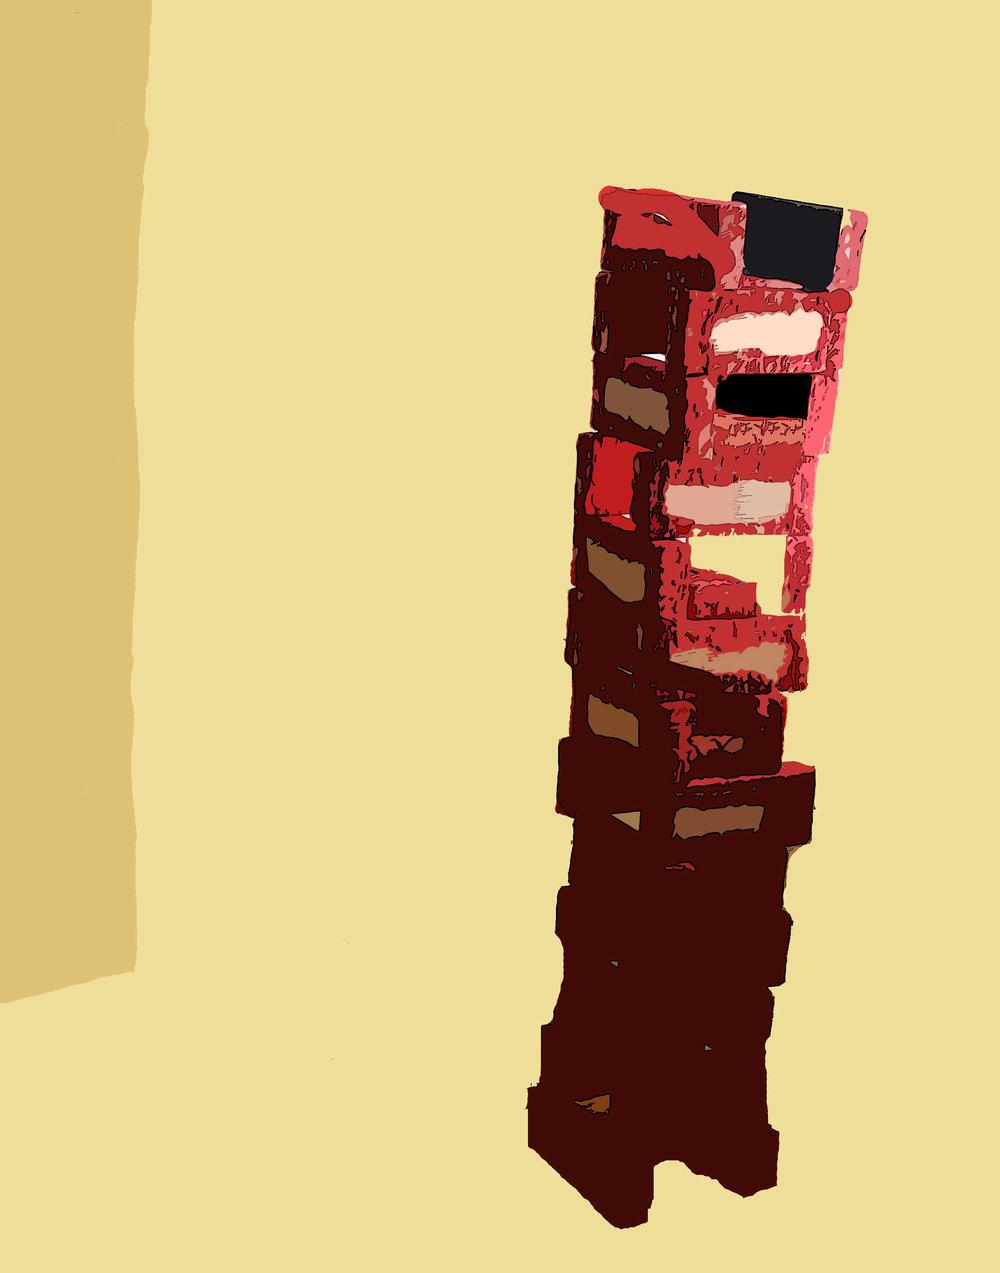 yellow tower_11x14.jpg